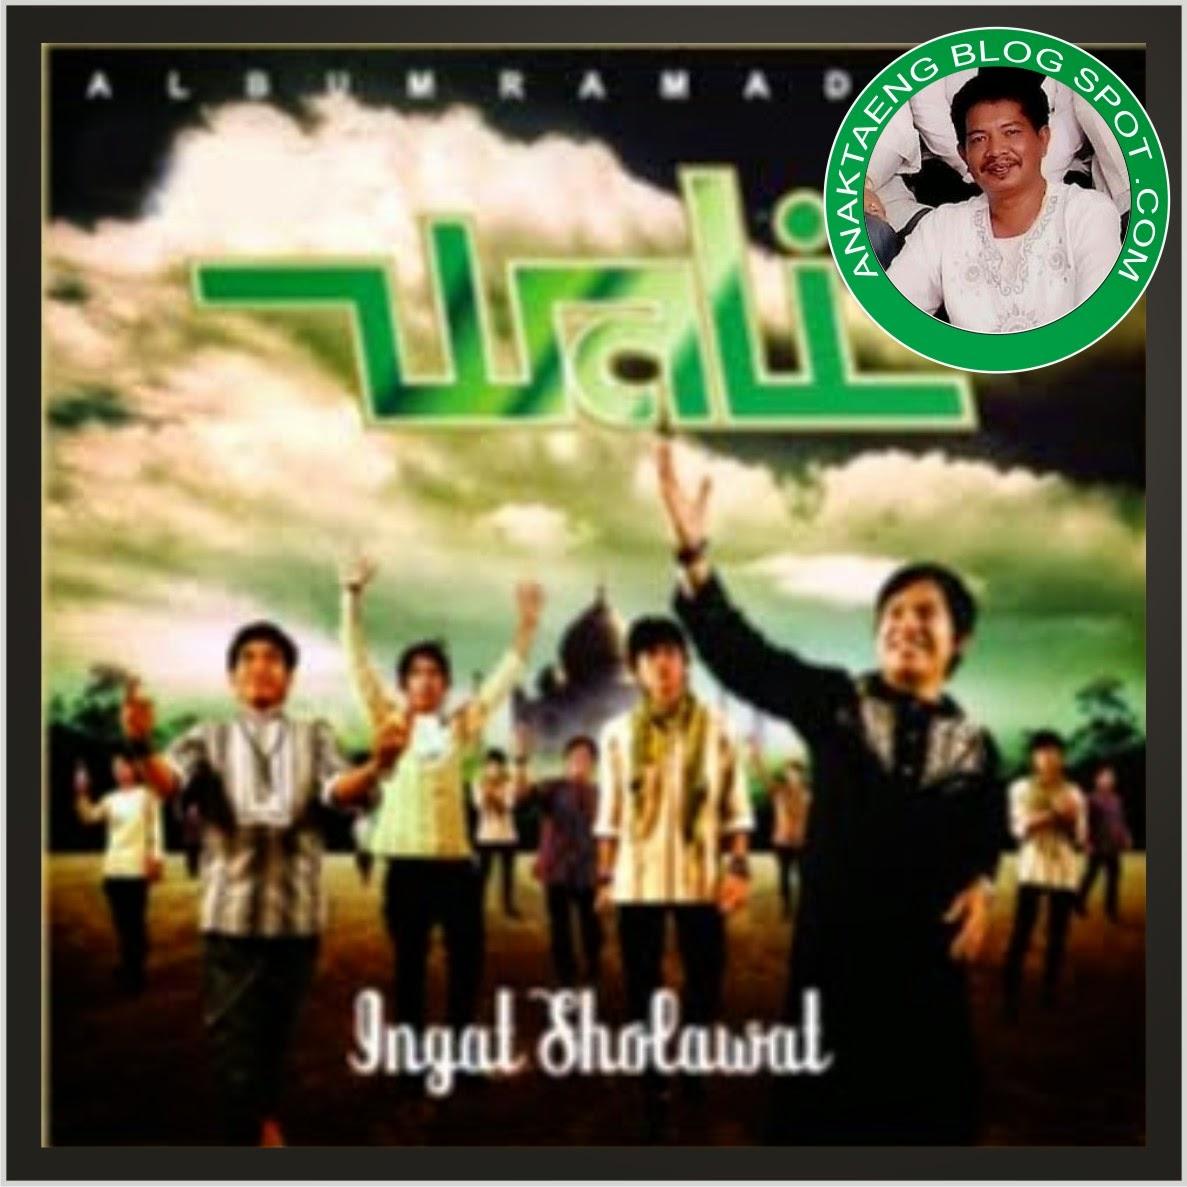 Download Lagu Karna Su Sayang Wapka: Download Lagu Untuk Dikenang (by Anak Taeng): 2011-12-11